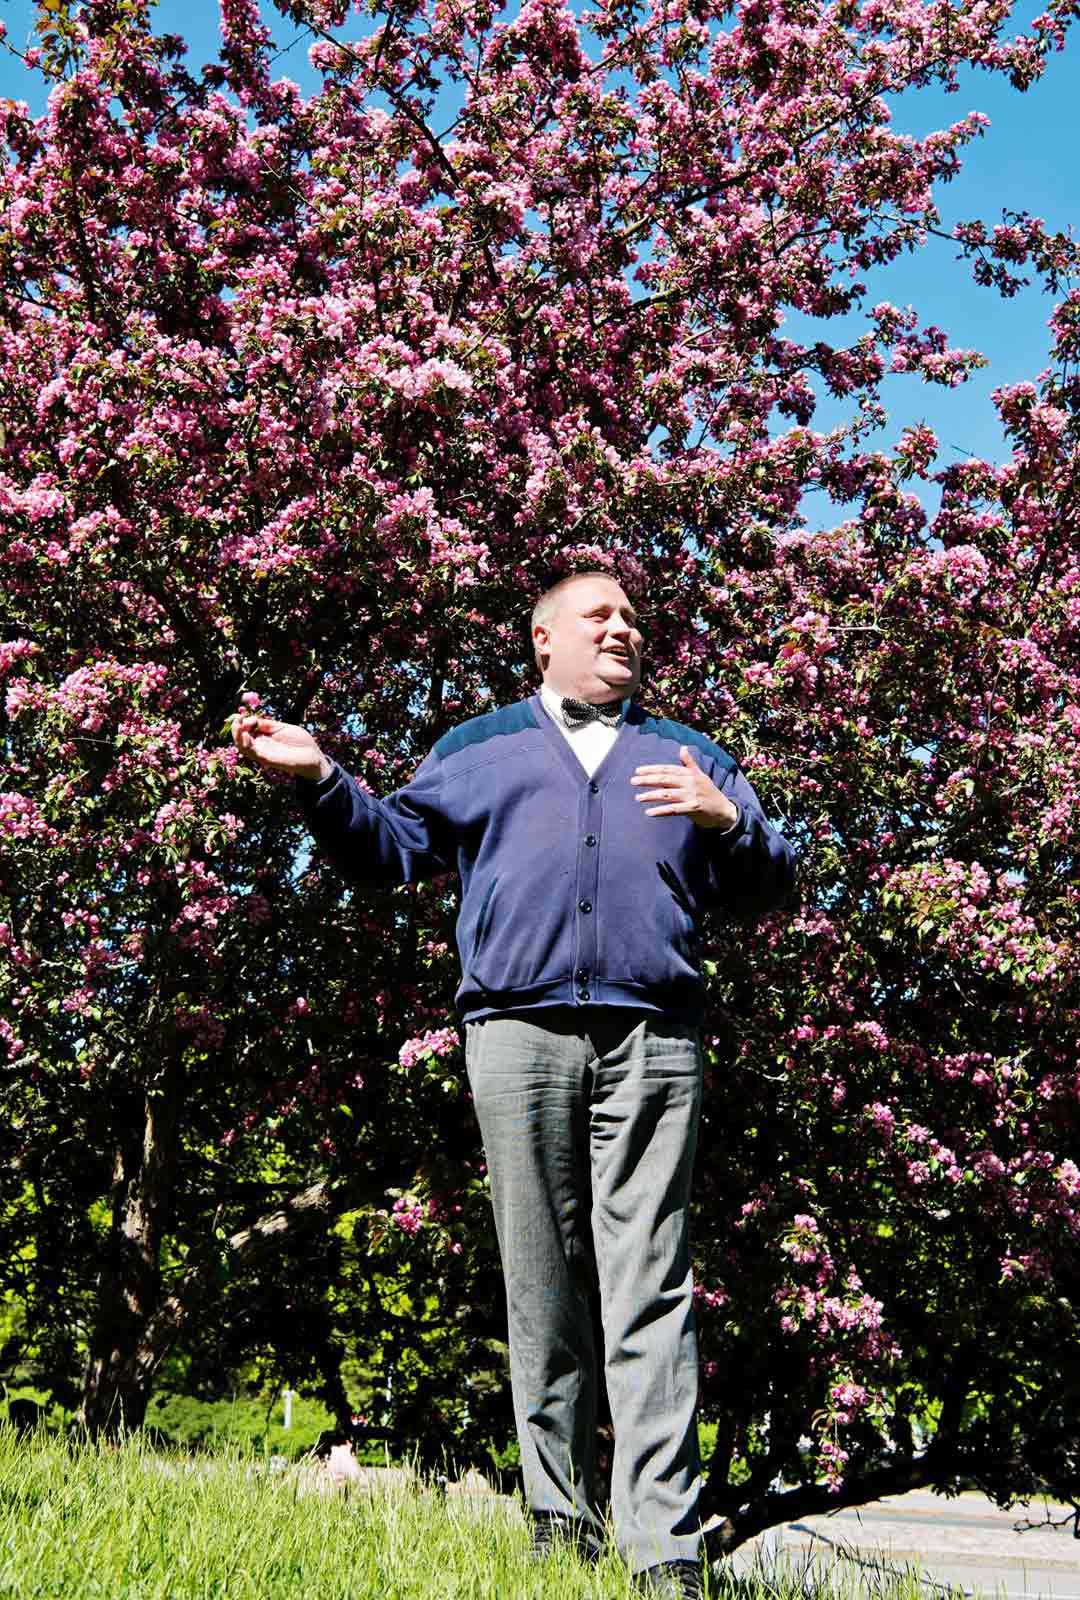 puutarhuri Mikko Lagerström